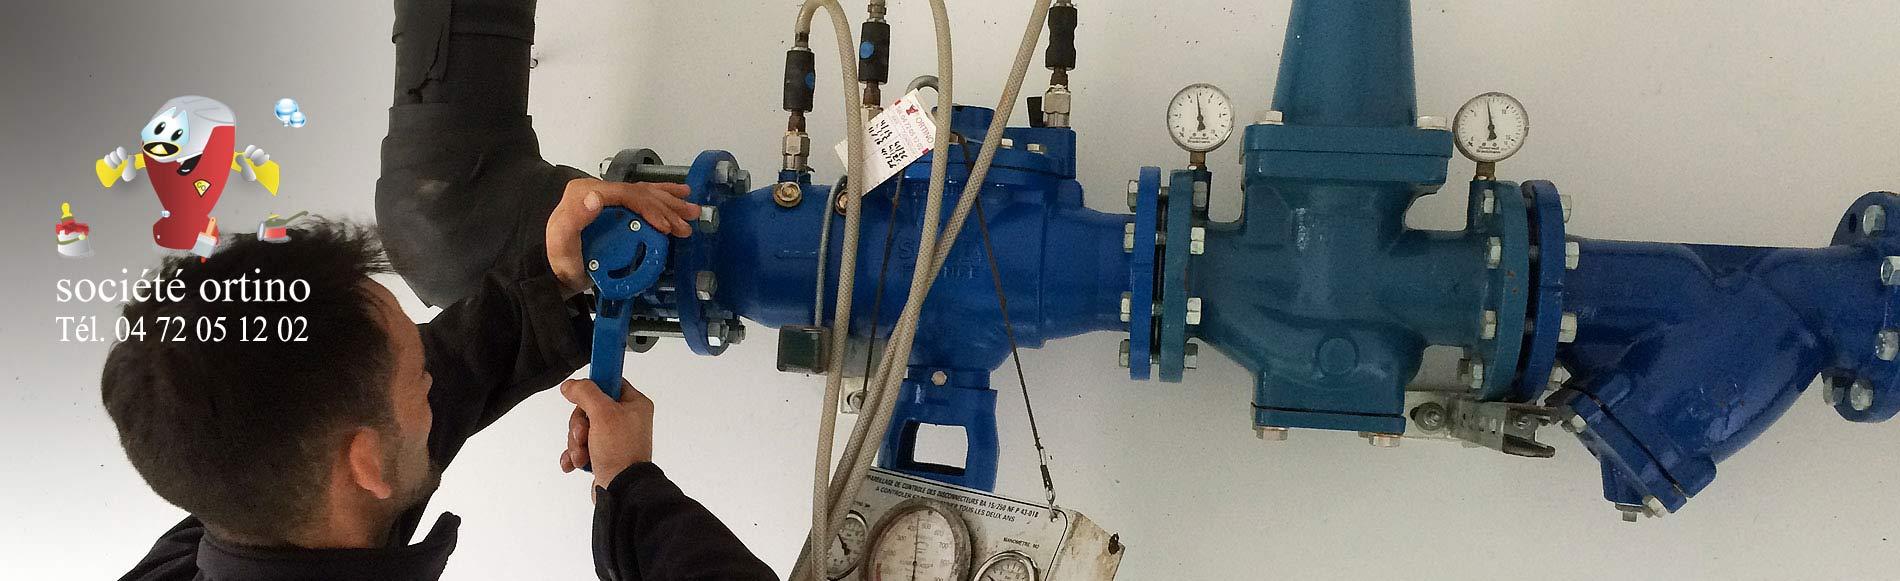 Installation et maintenance de disconnecteurs, appareils anti-pollution